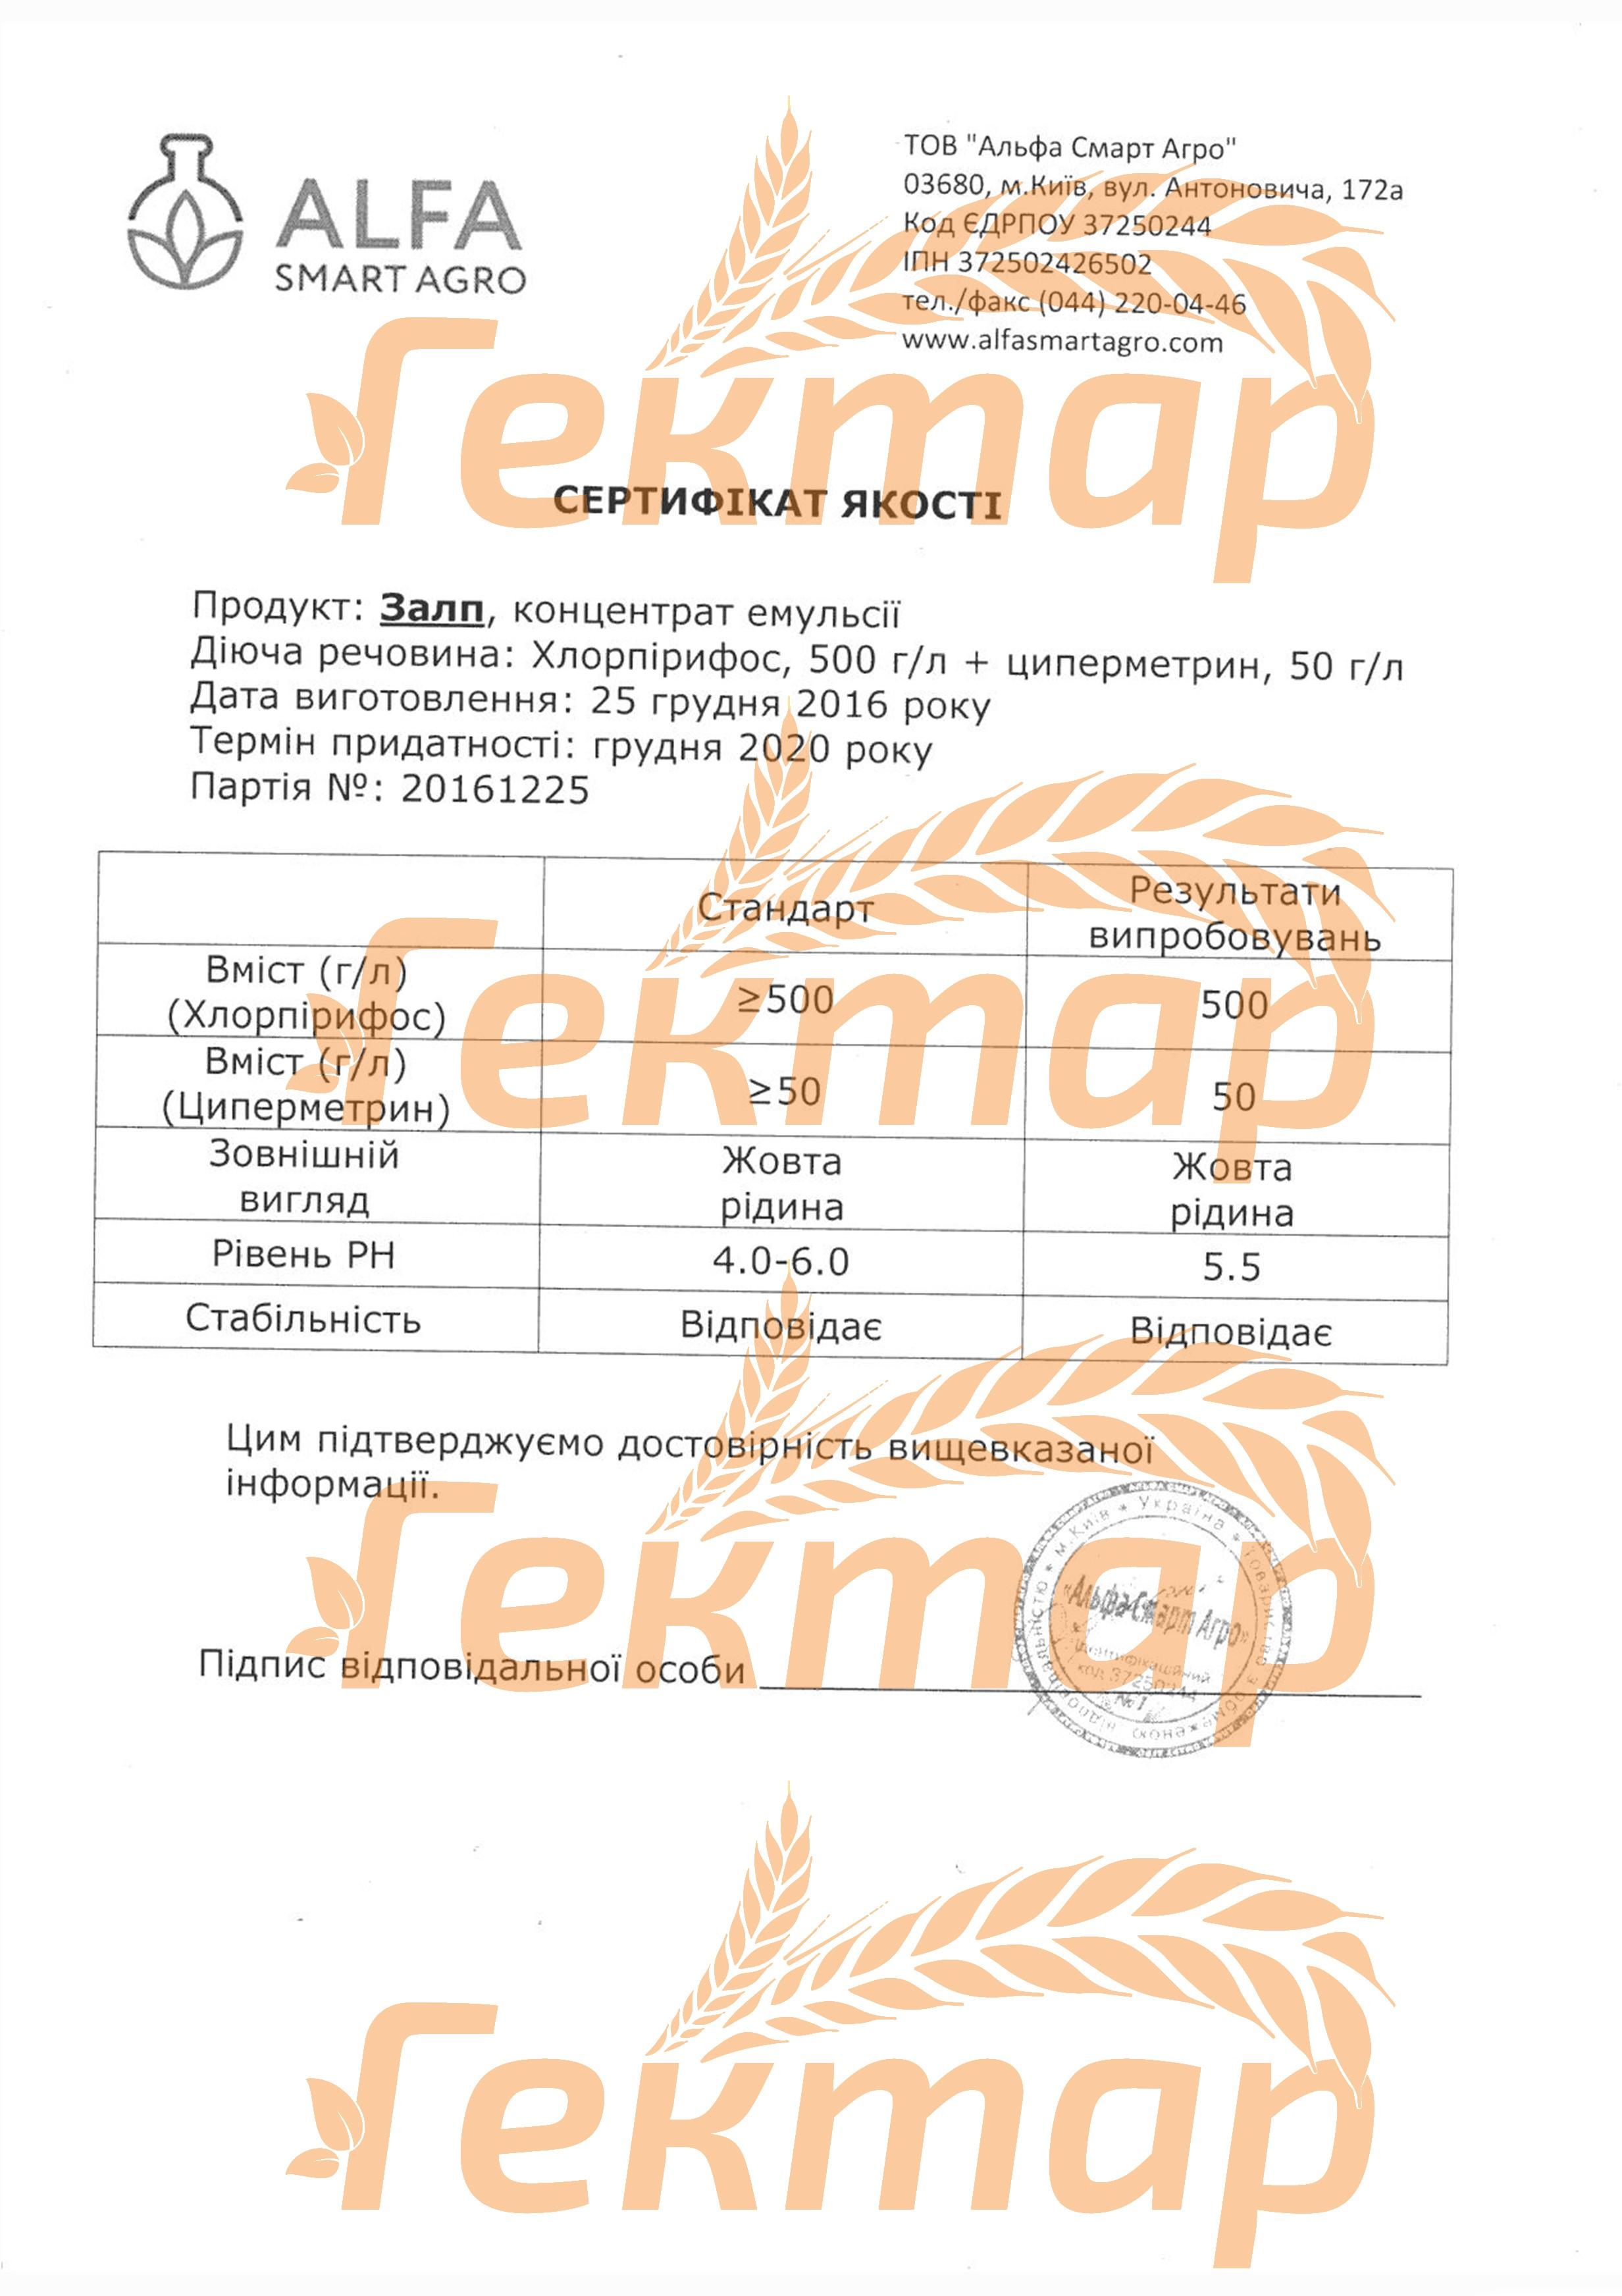 https://hectare.ua/upload/5aafaa58df218.jpg